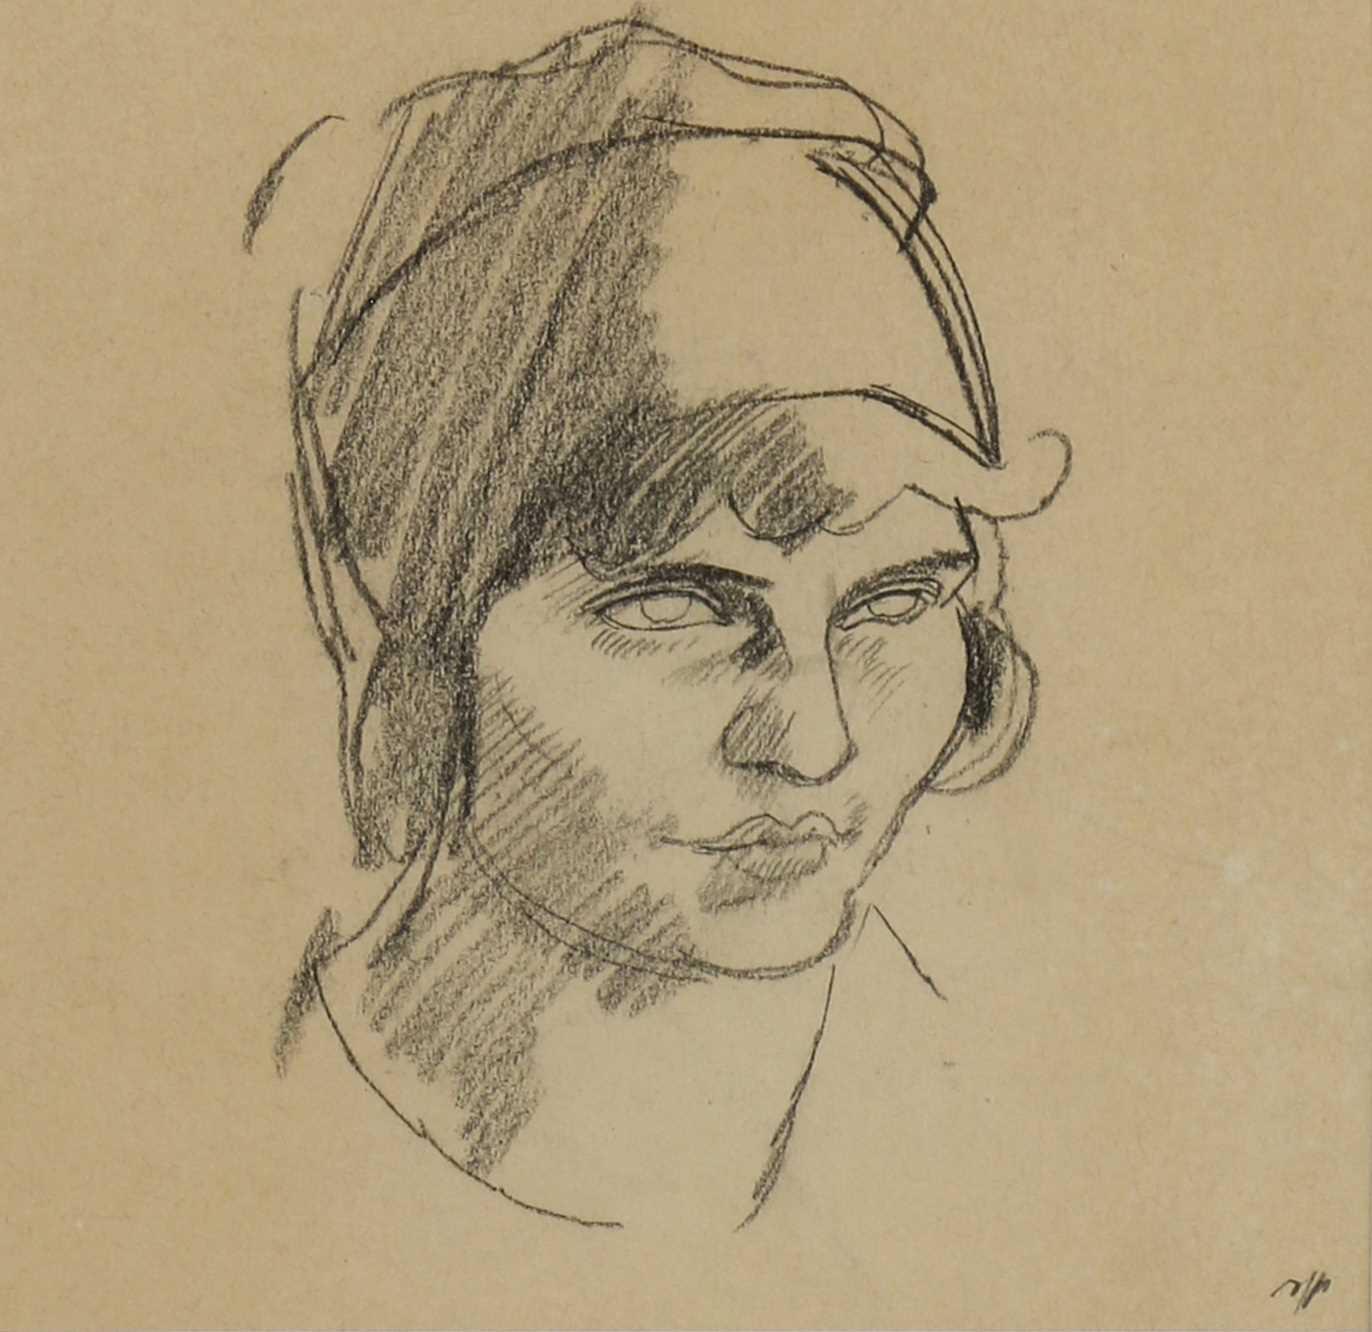 Lot 42 - Samuel John Peploe (1871-1935)